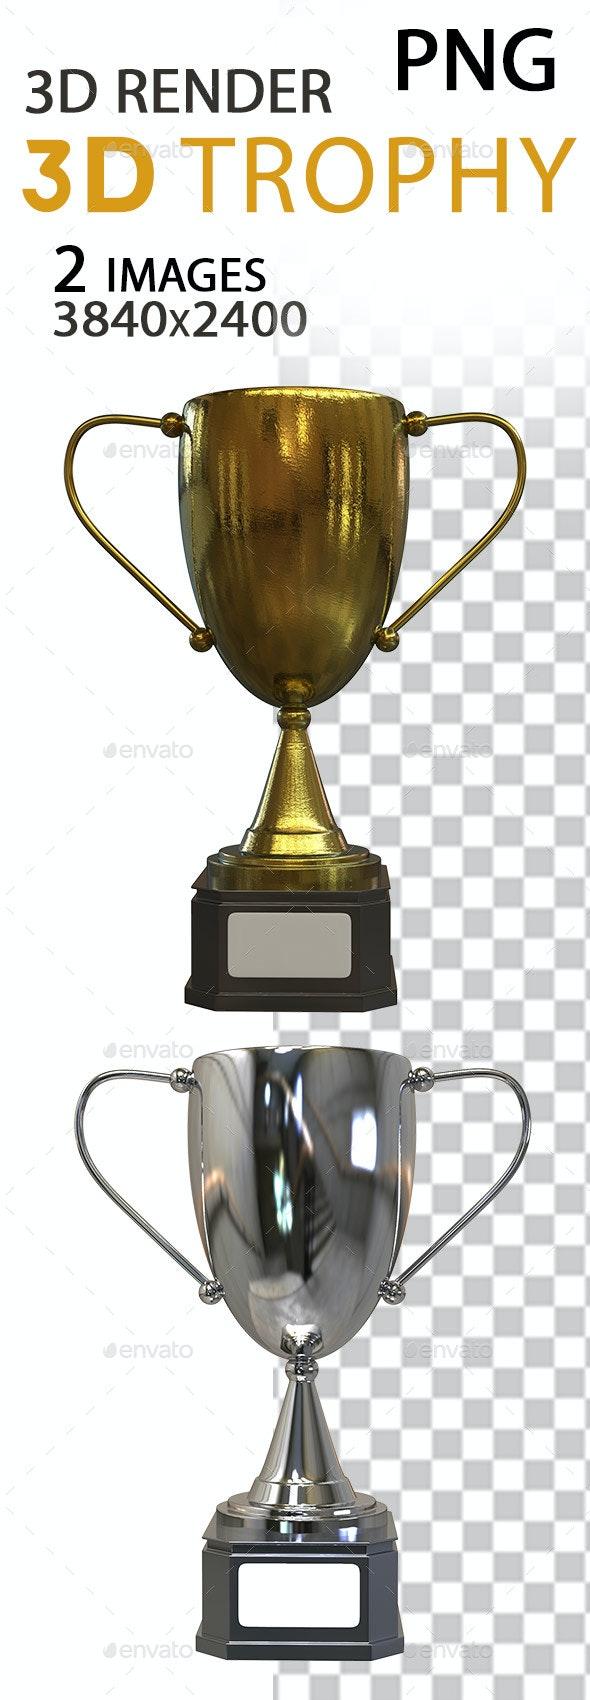 3D Trophy - Objects 3D Renders